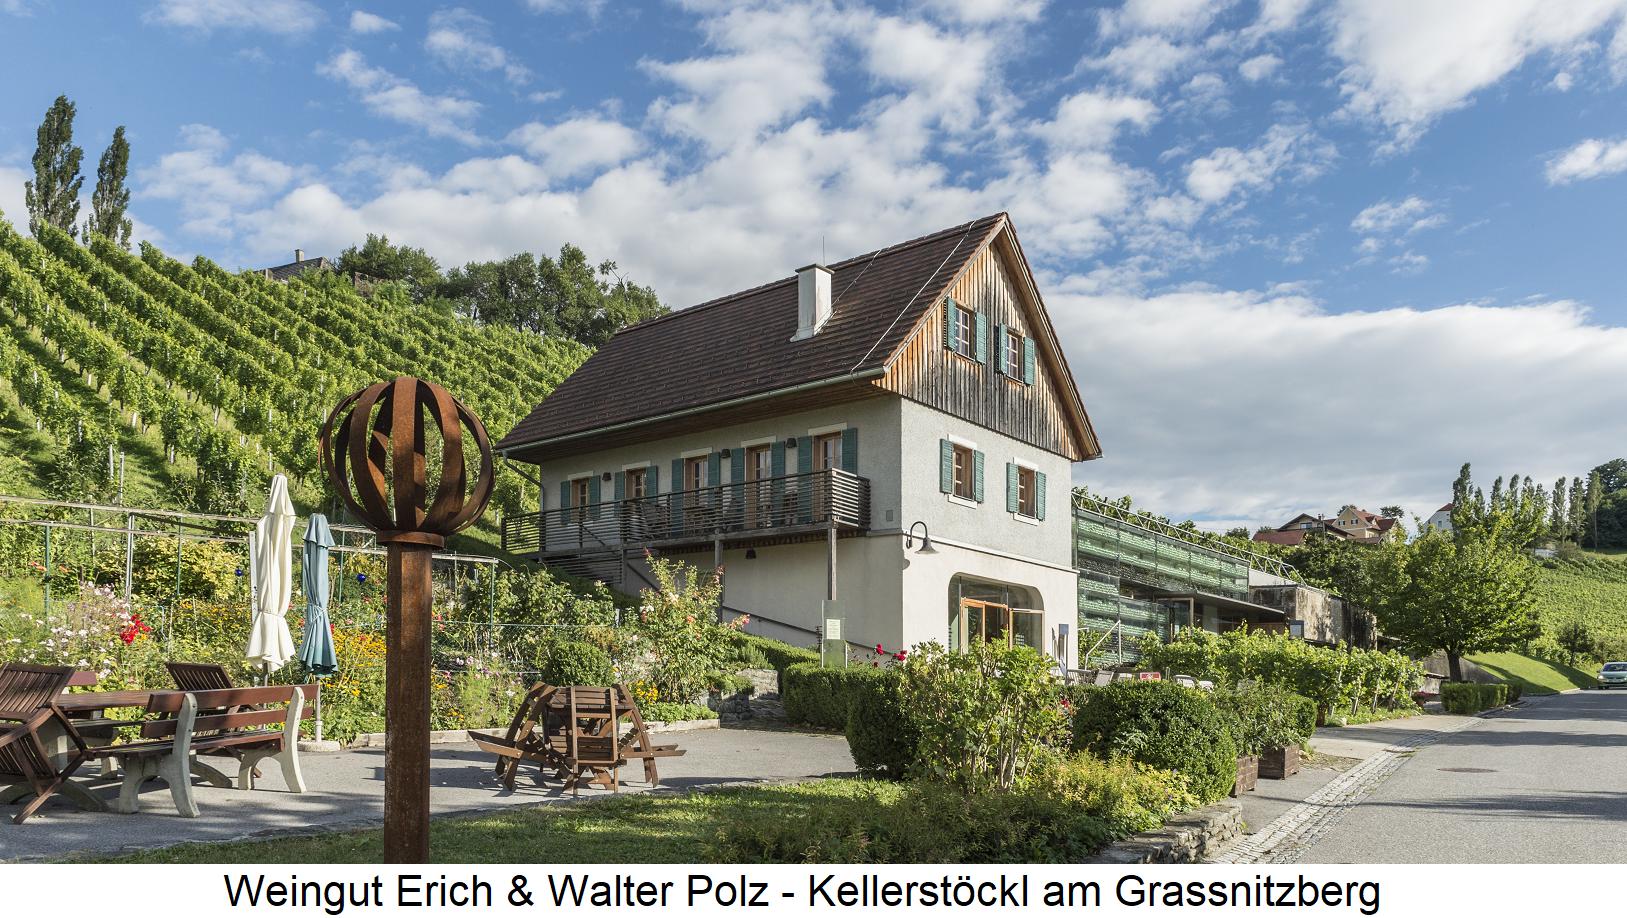 Polz Erich and Walter - Kellerstöckl on Grassnitzberg